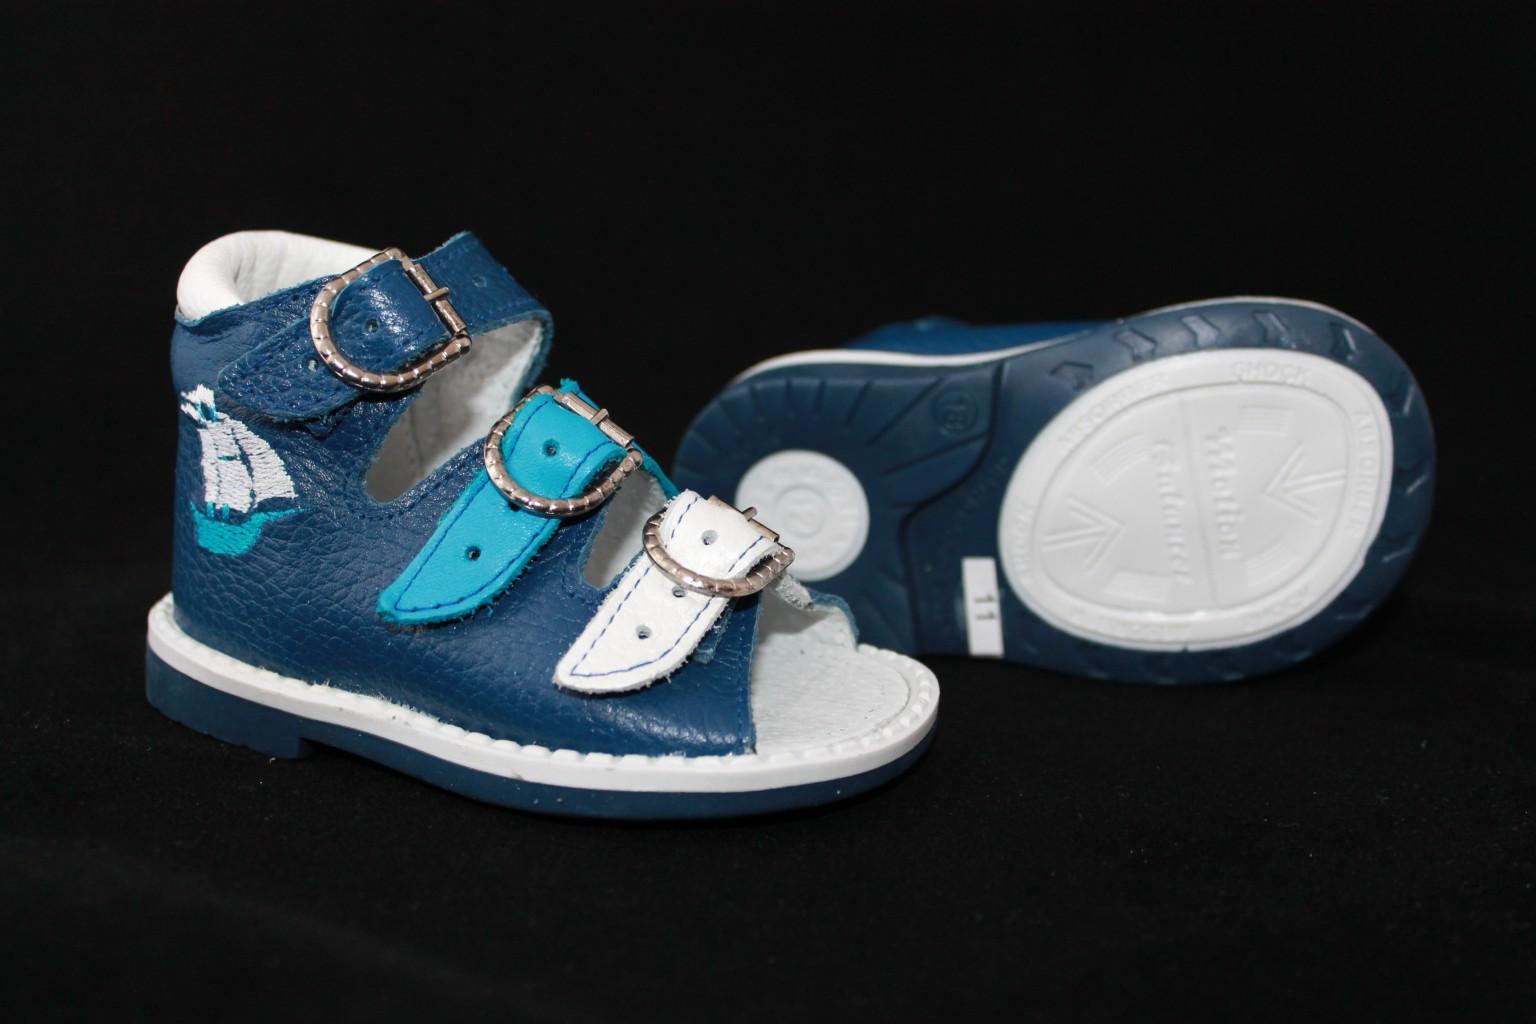 Детская богородская обувь, напрямую с фабрики. Орто 790 руб, сандалии от 200 руб. Без рядов. Выкуп I -2016